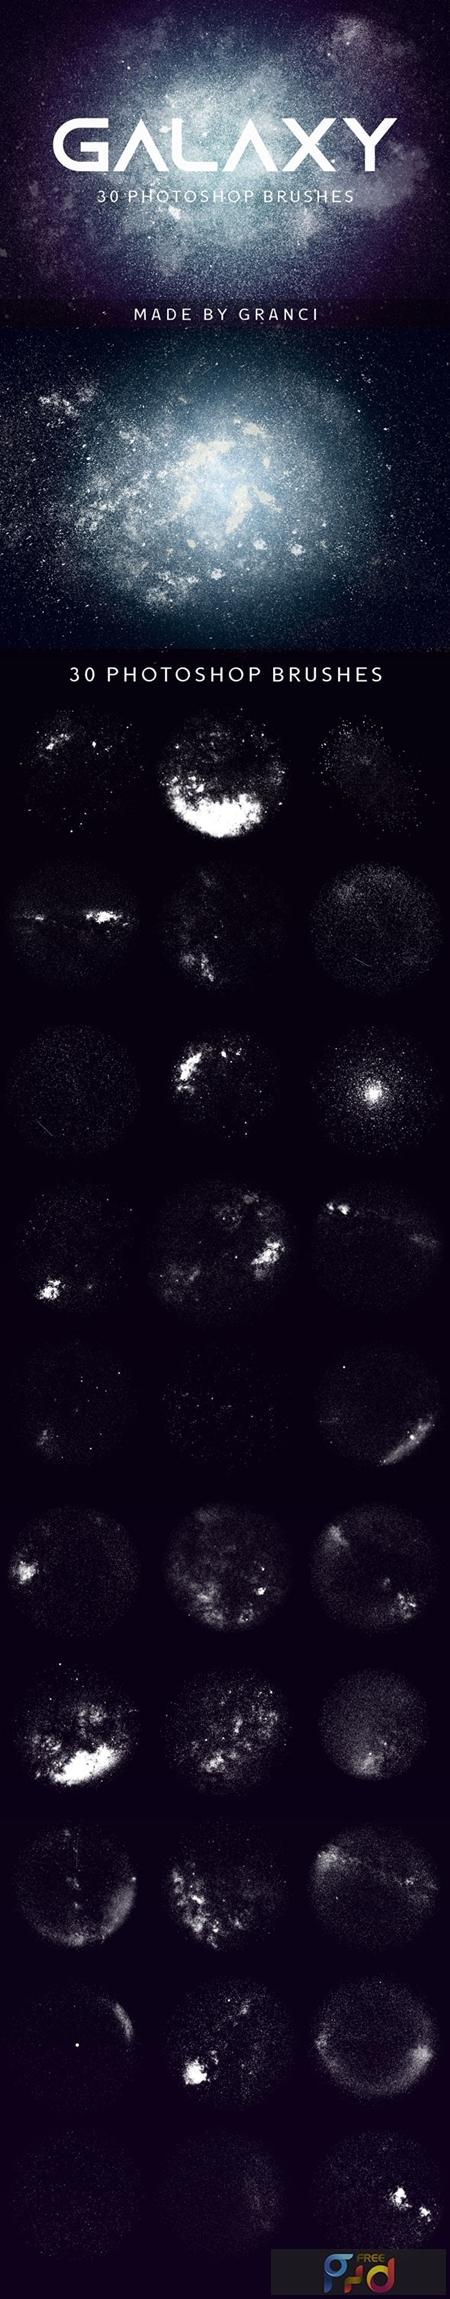 Galaxy Photoshop Brushes 25652362 1